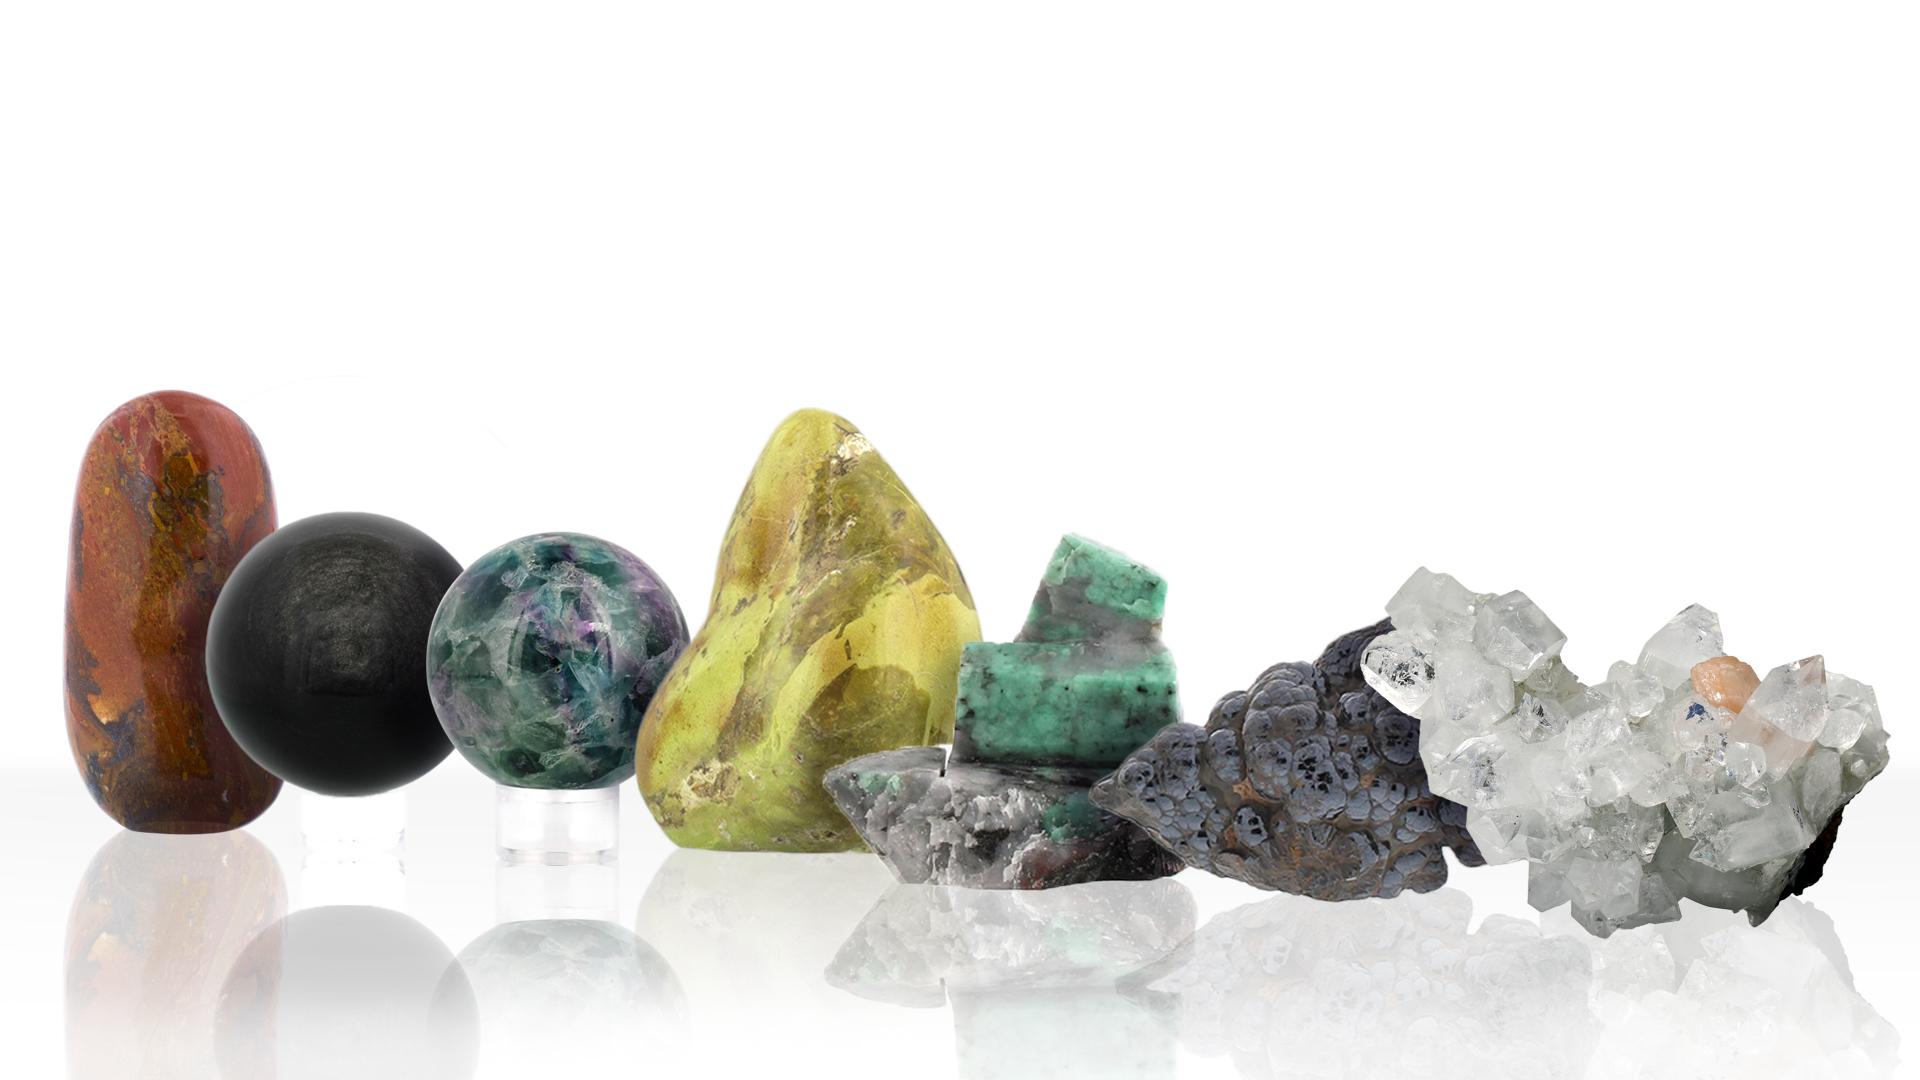 Différentes pierres de bien-être, photo ®Cristaux et Bien-Être, 2018